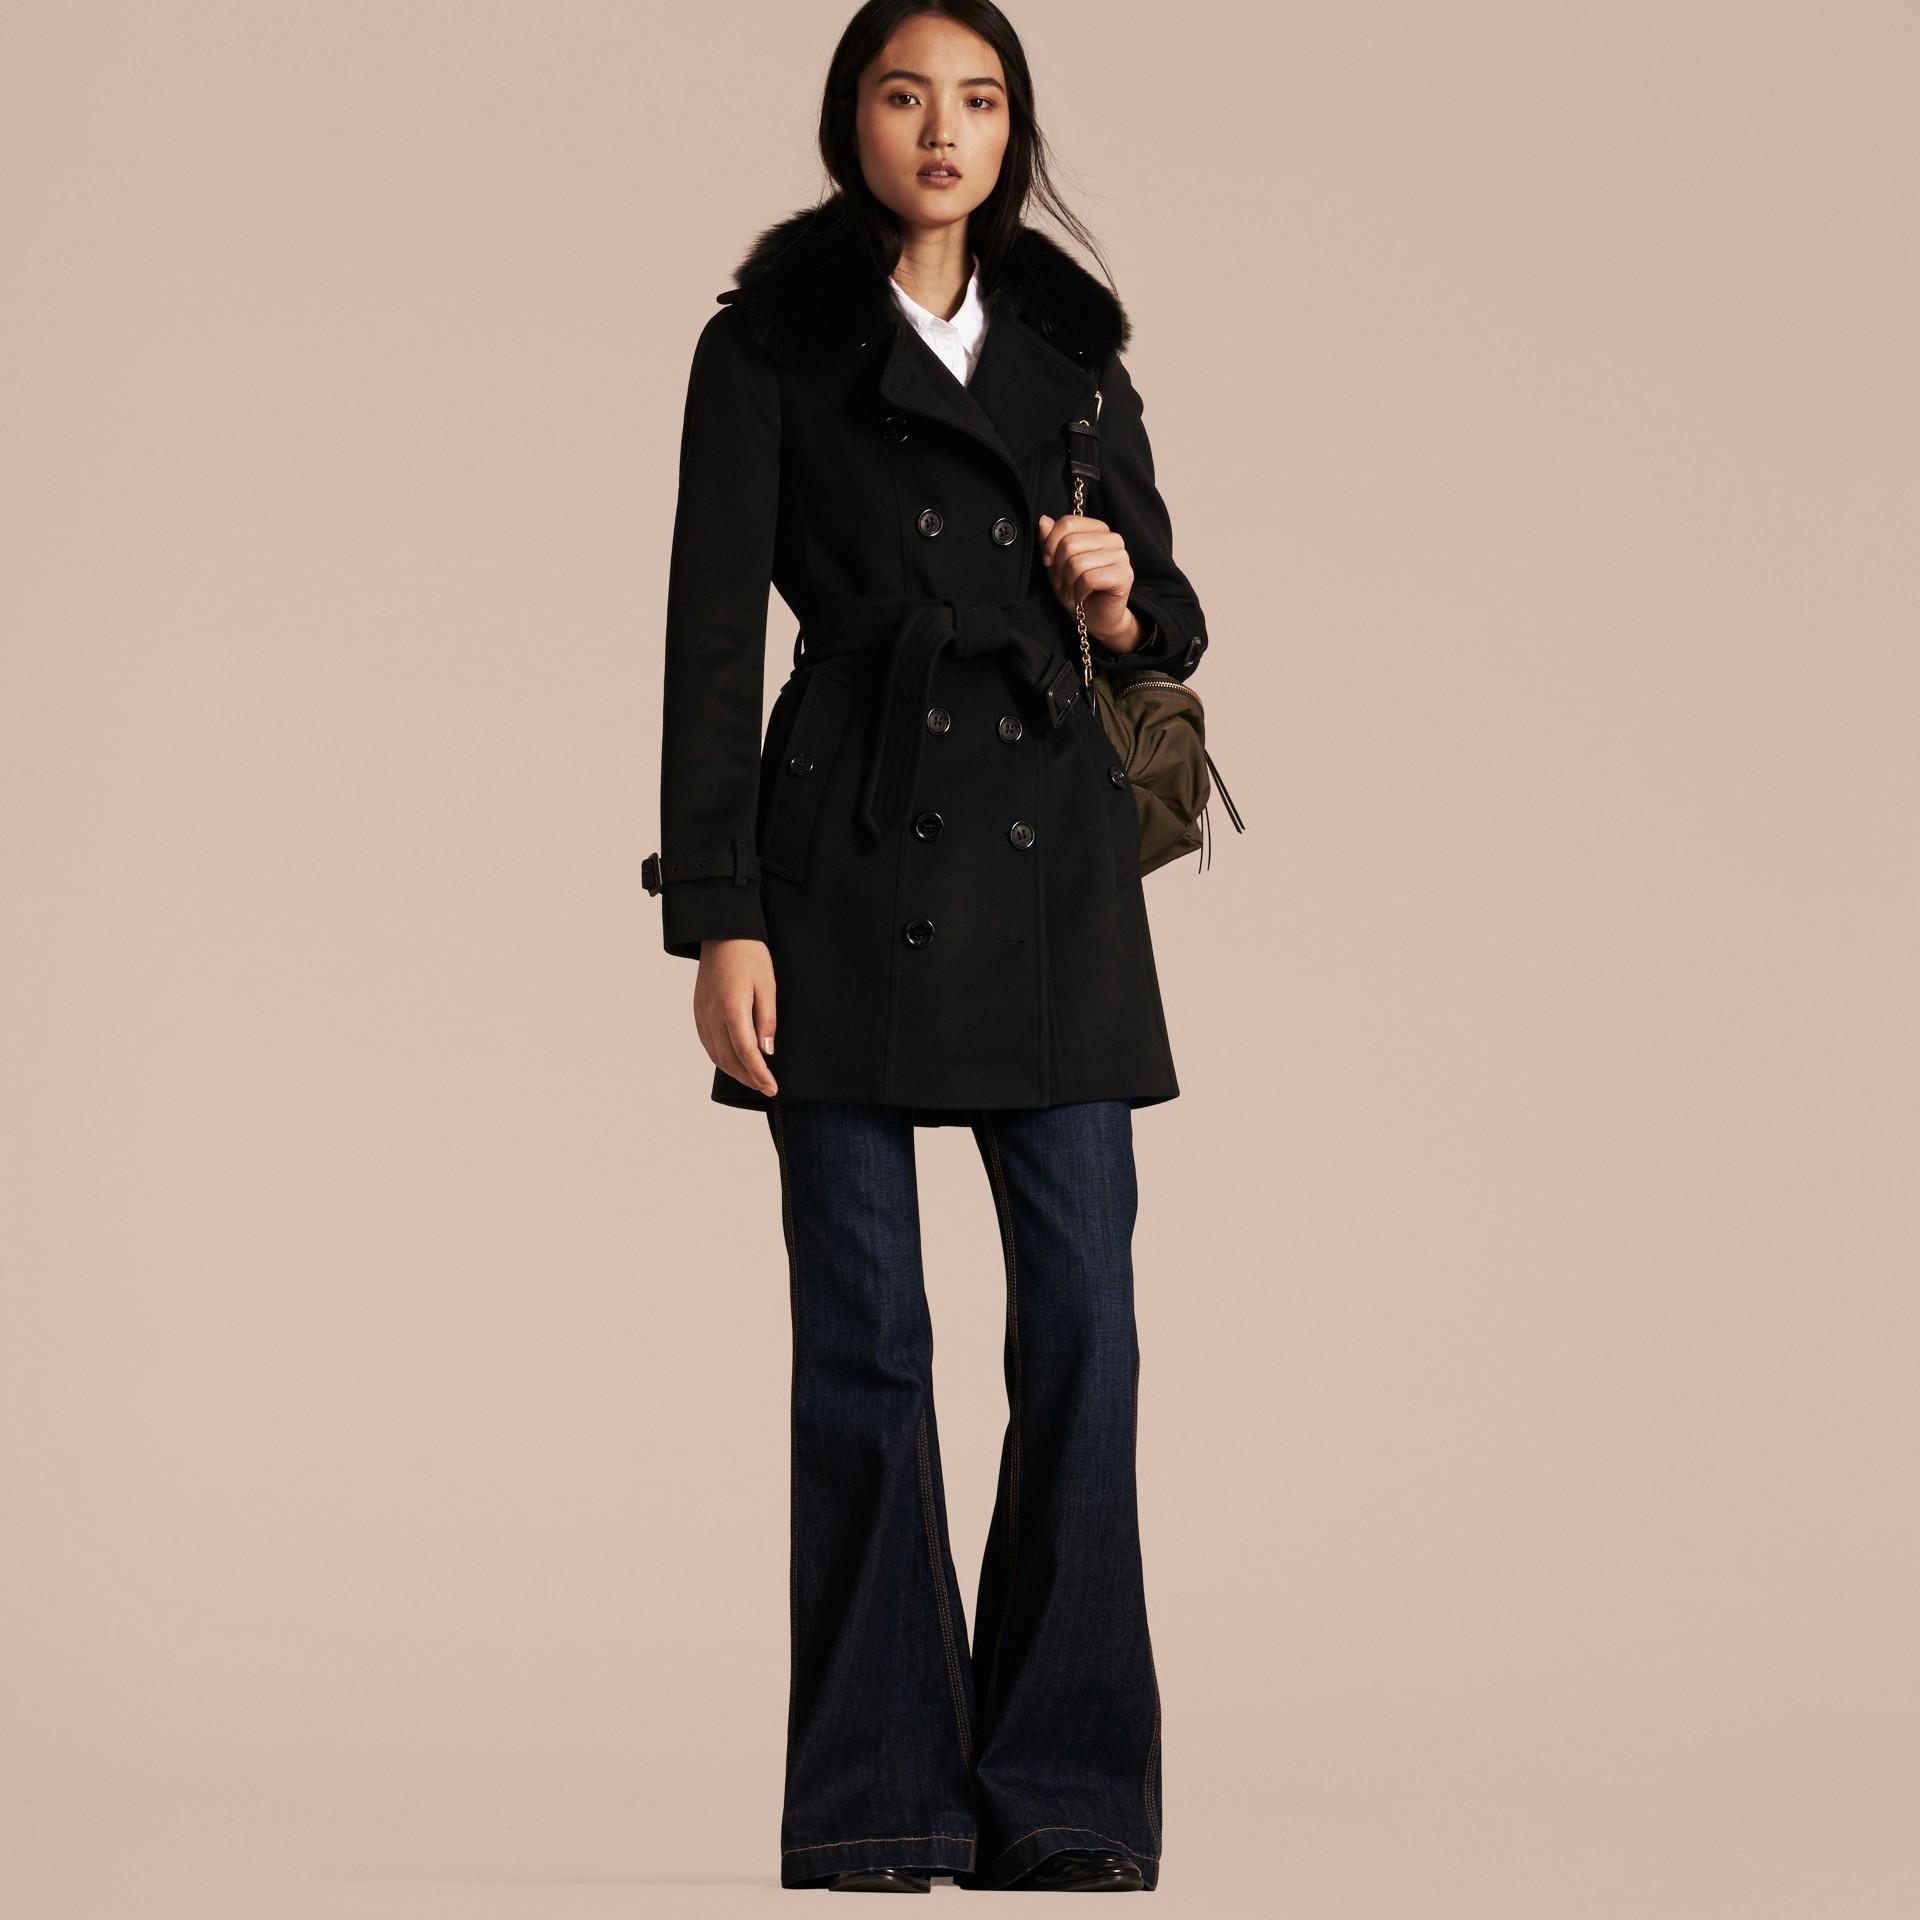 Nero Trench coat in lana e cashmere con collo in pelliccia di volpe Nero - immagine della galleria 1